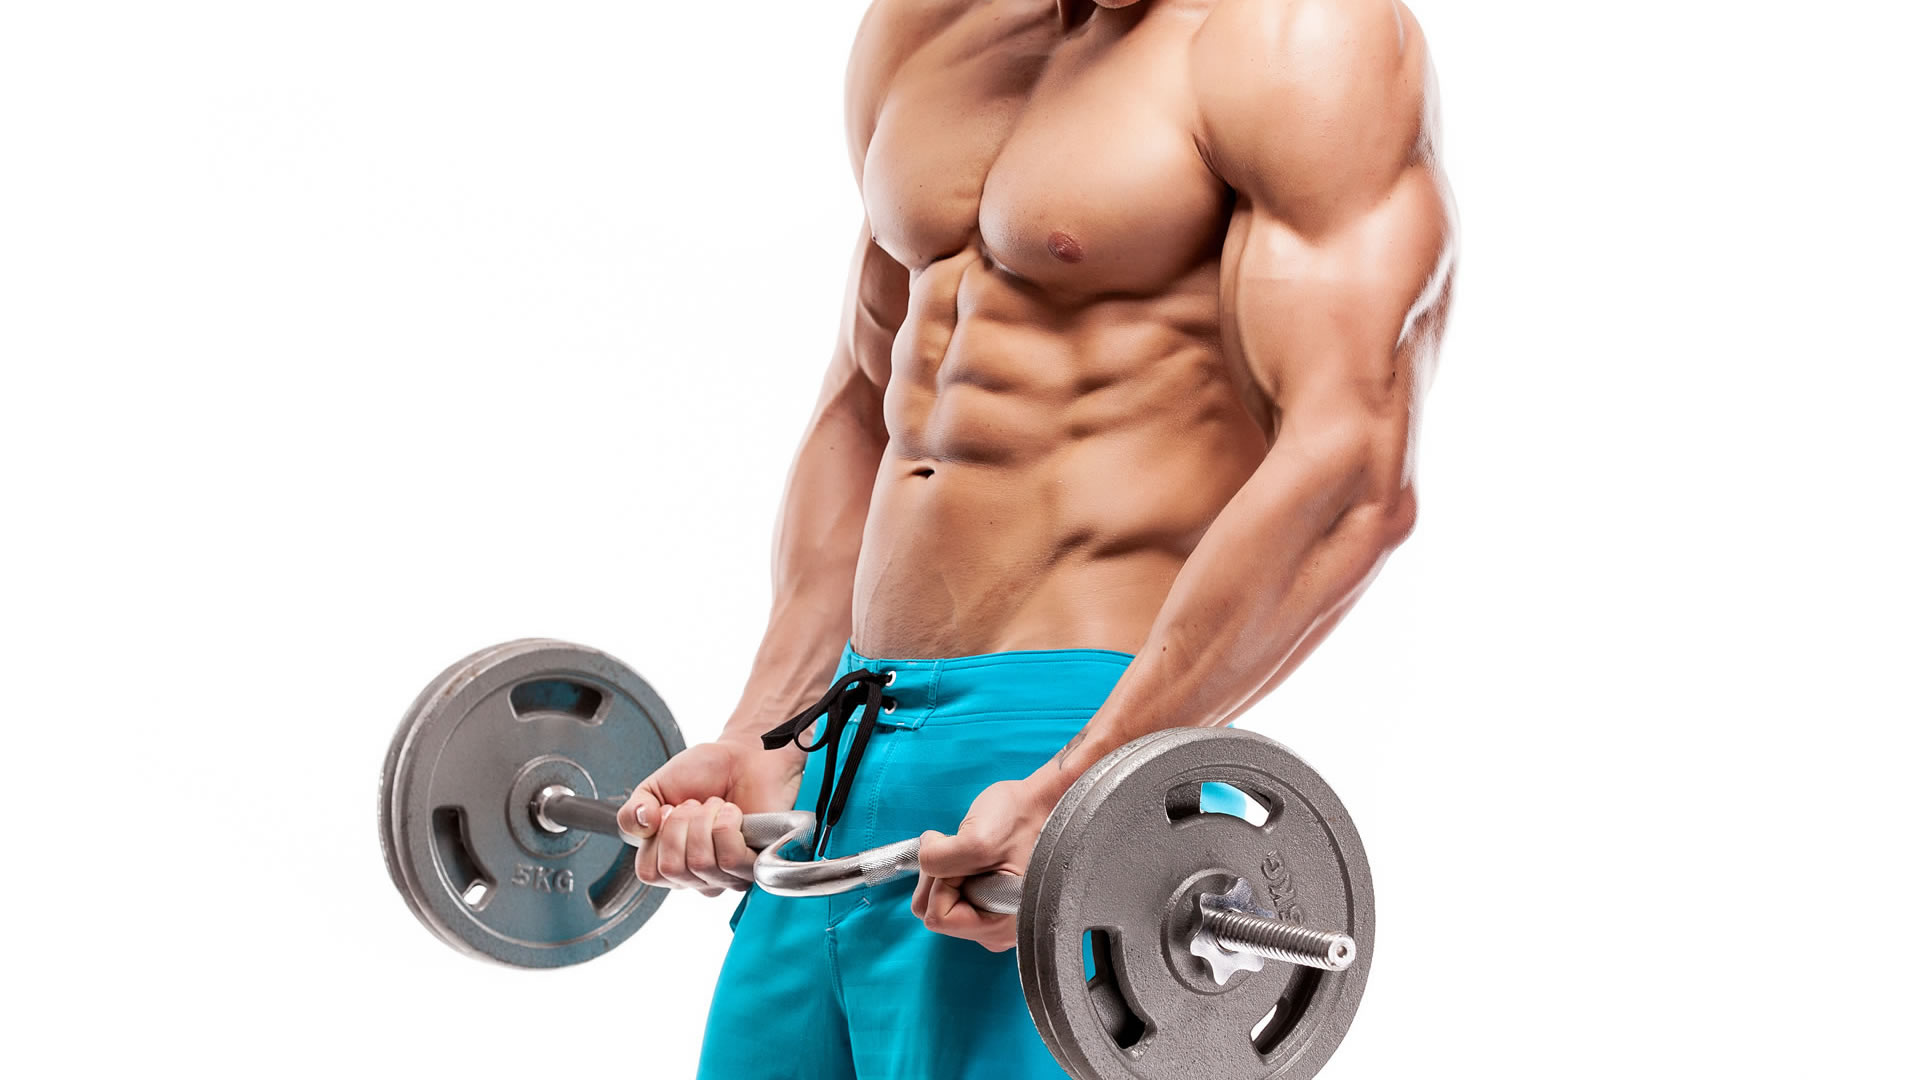 Musculación y sus 3 ejercicios básicos 1